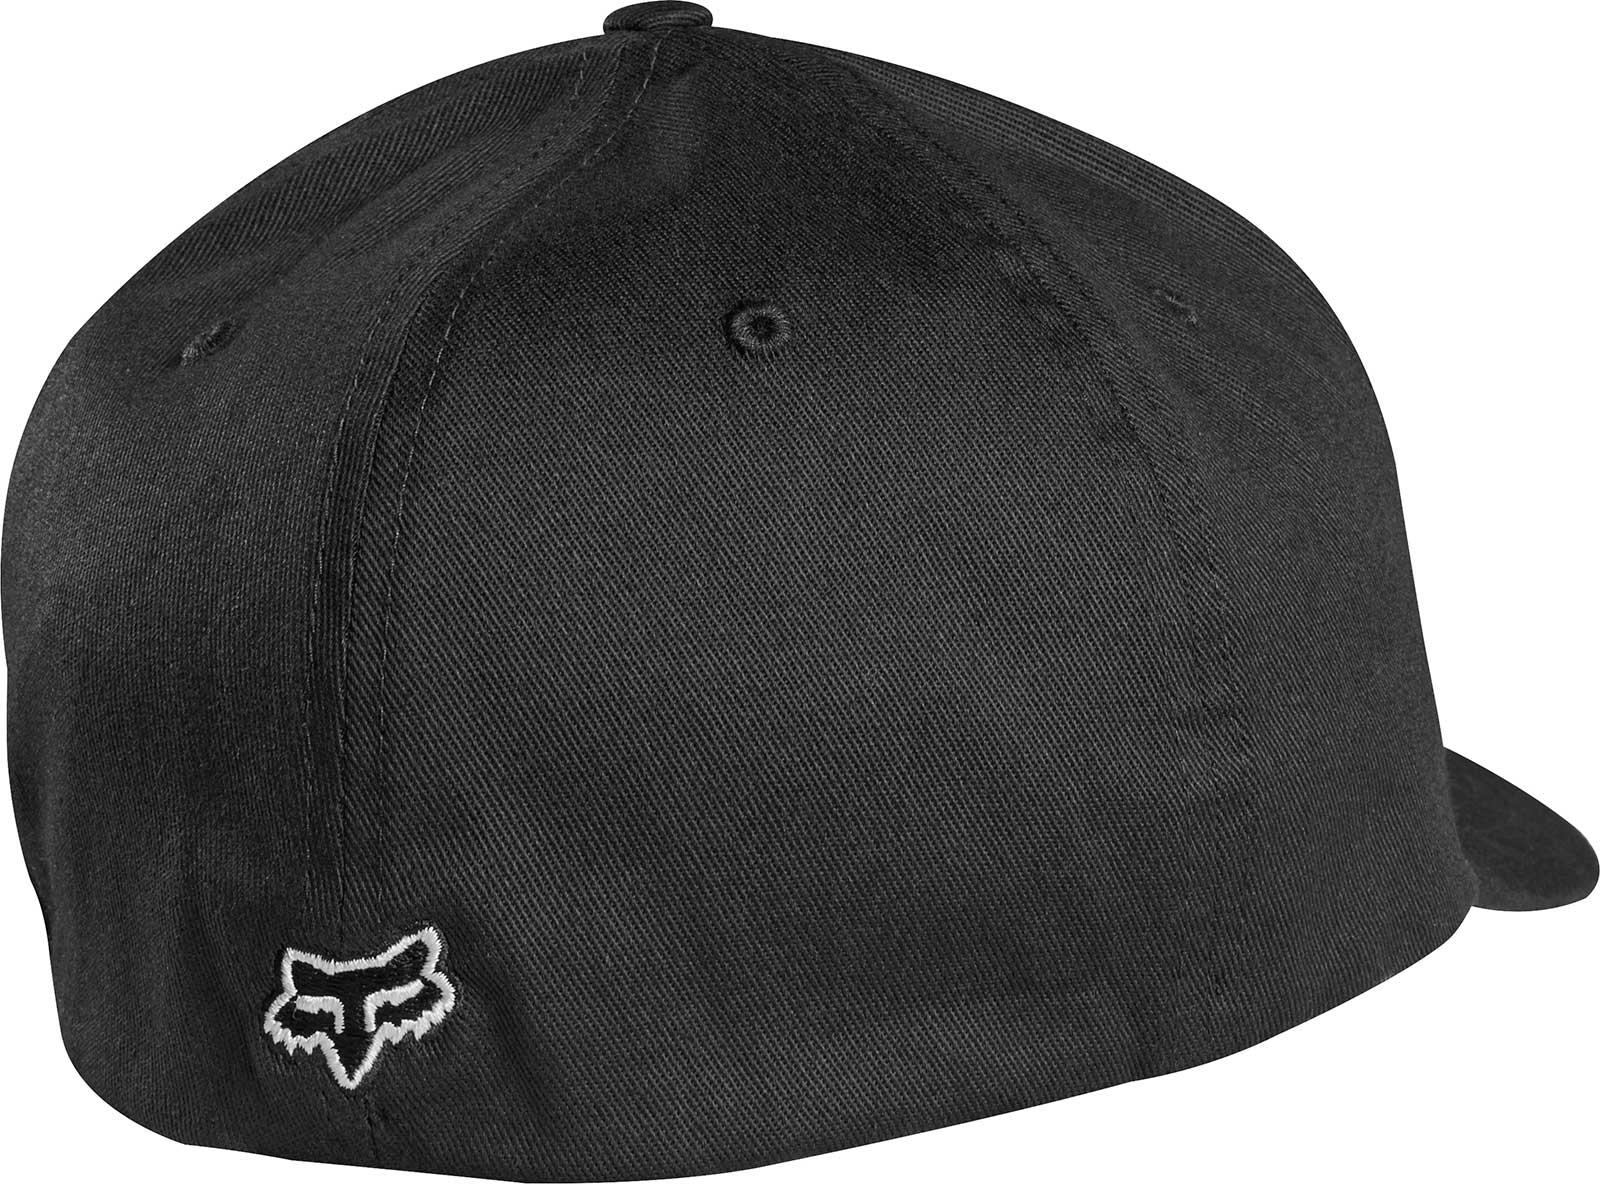 Fox-Racing-Flex-45-Flexfit-Hat-Mens-Lid-Cap thumbnail 22